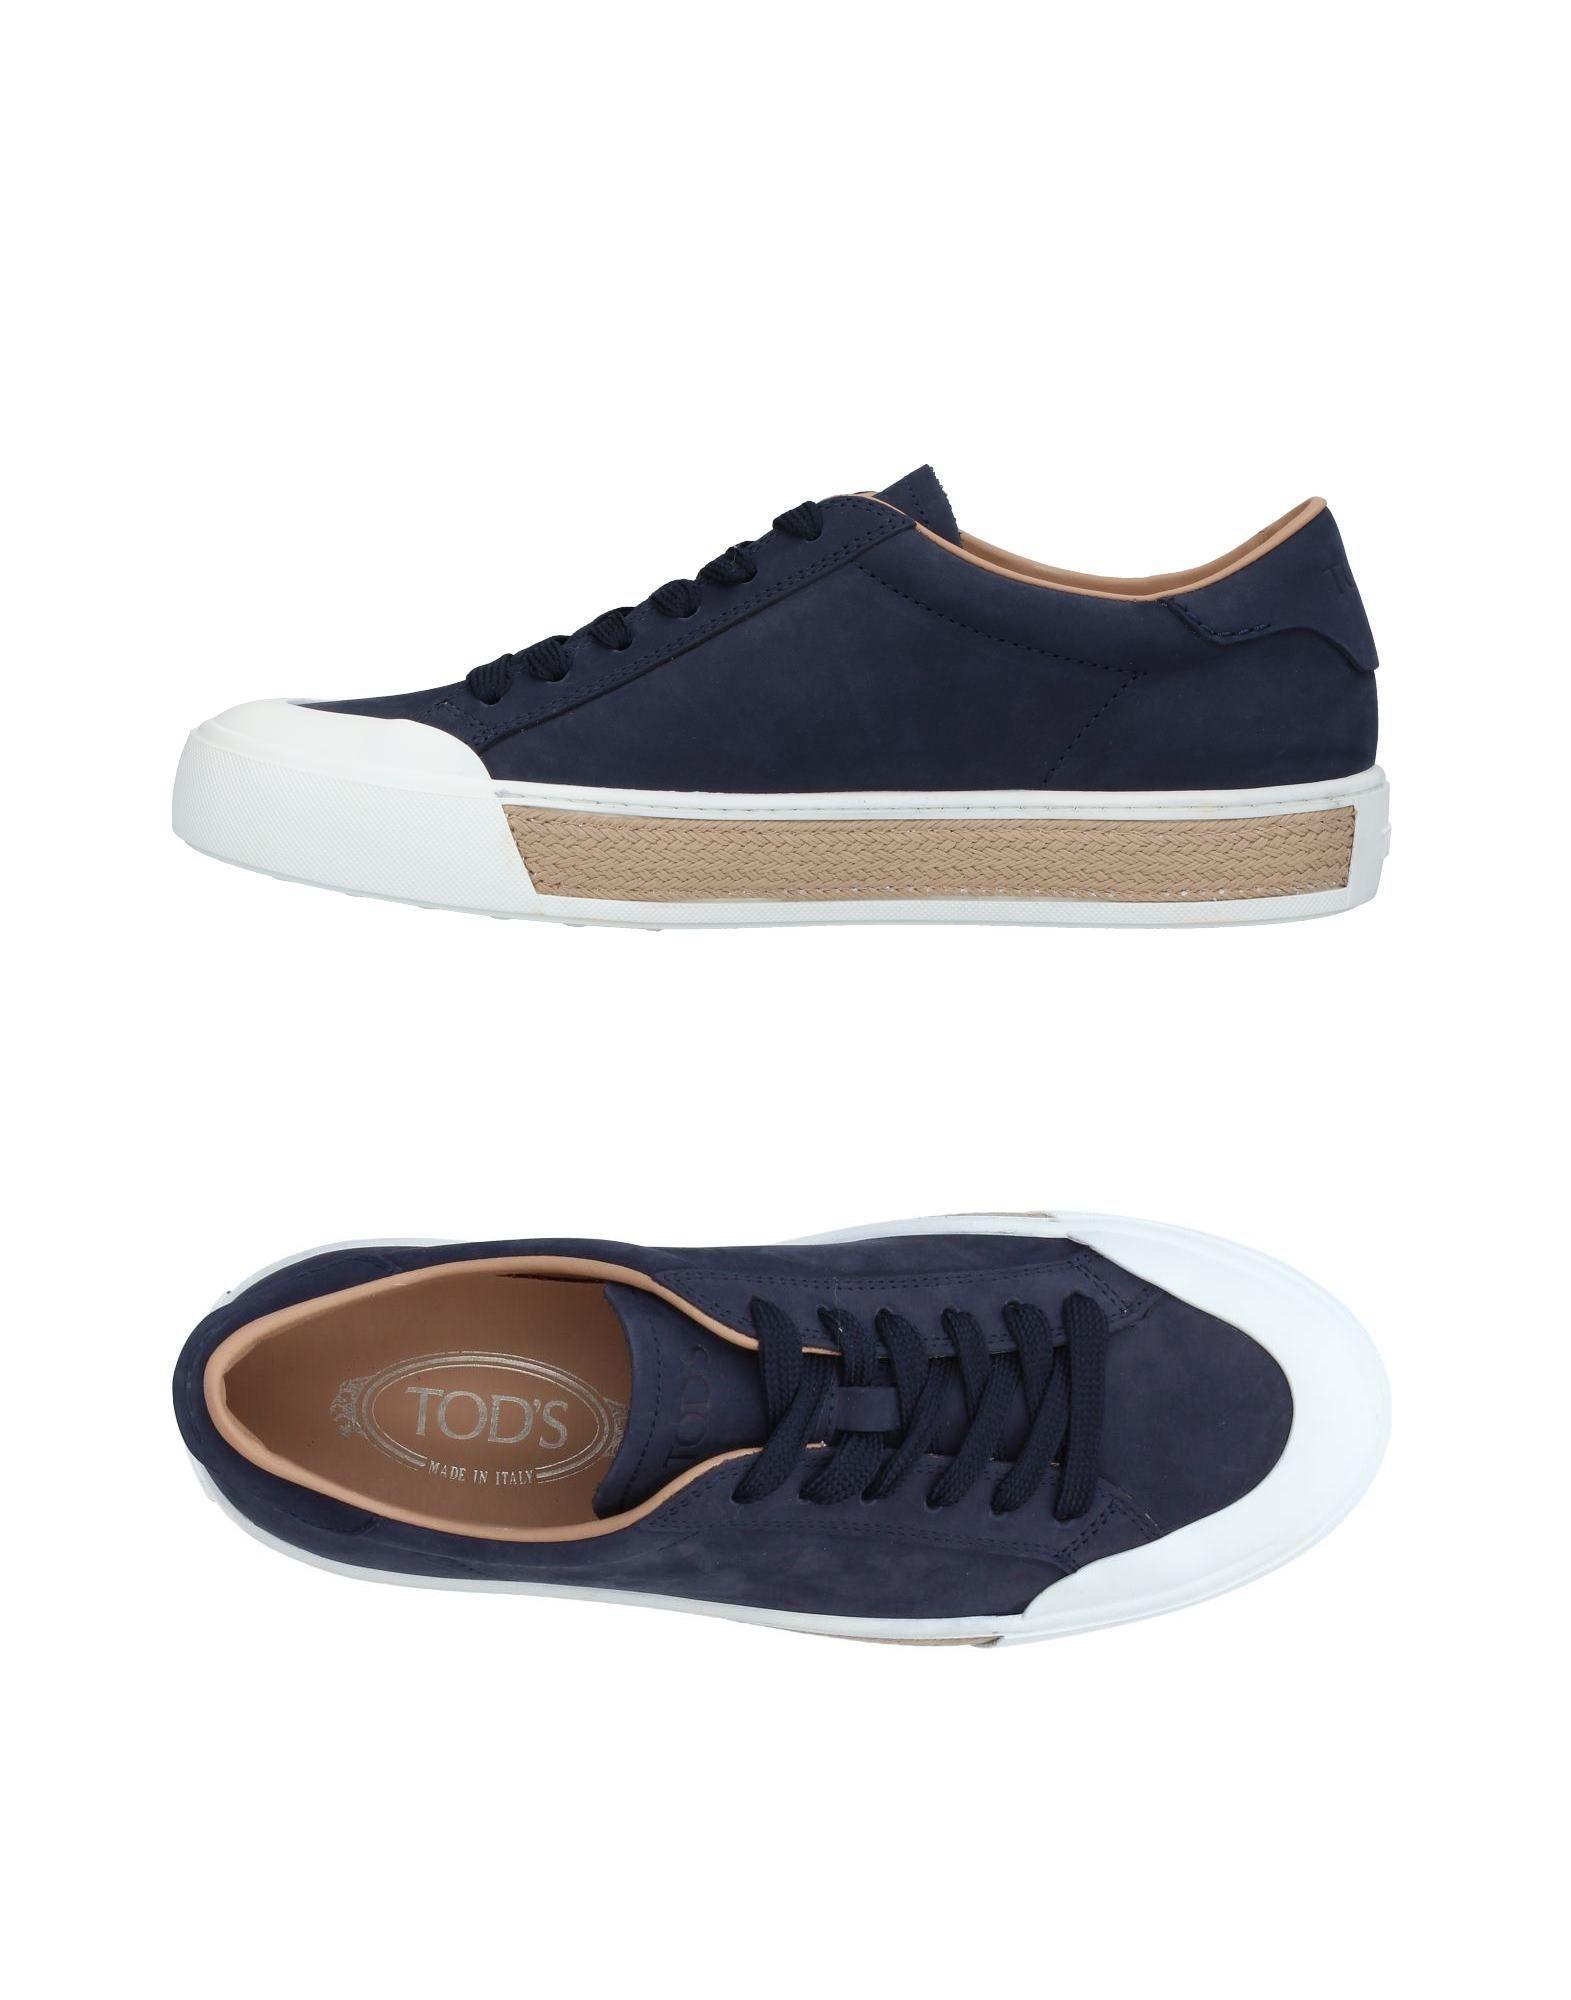 FOOTWEAR - Low-tops & sneakers on YOOX.COM Tod's eeuVK